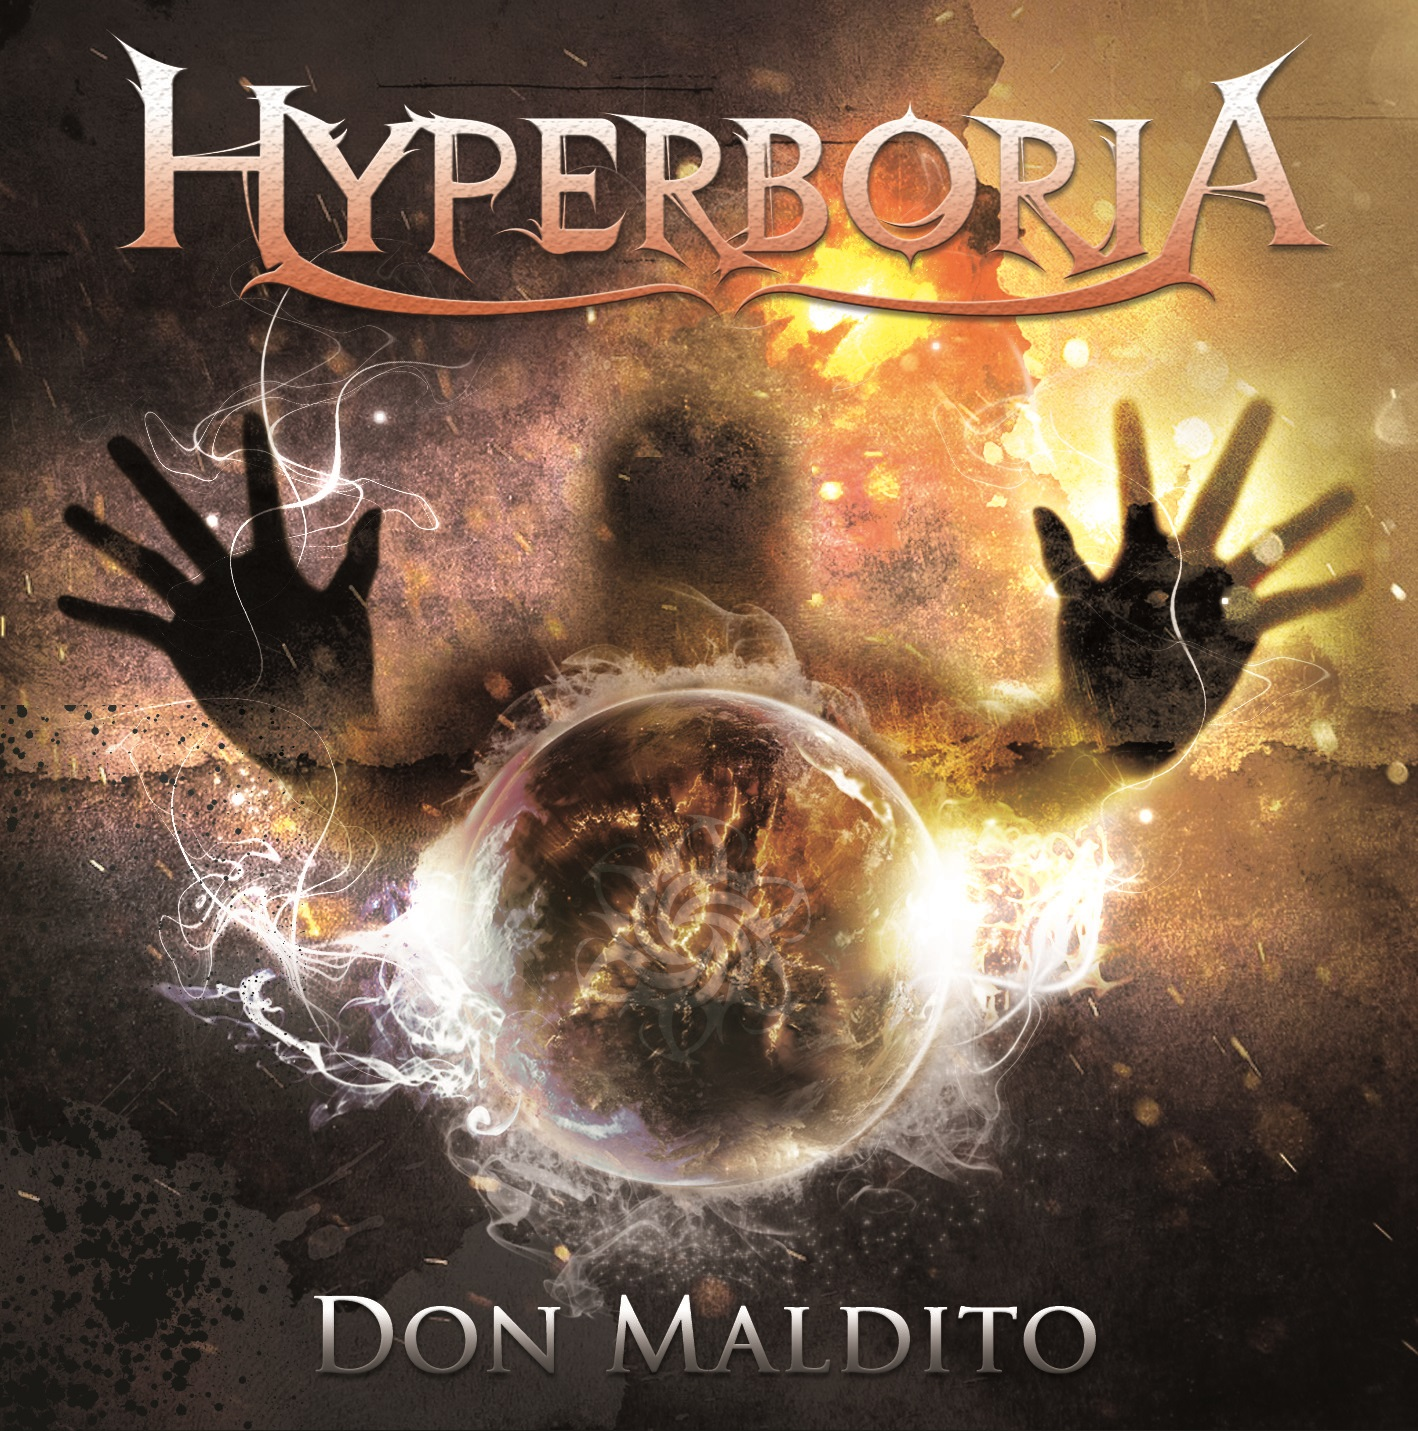 portada-hyperboria-don-maldito-2014.jpg